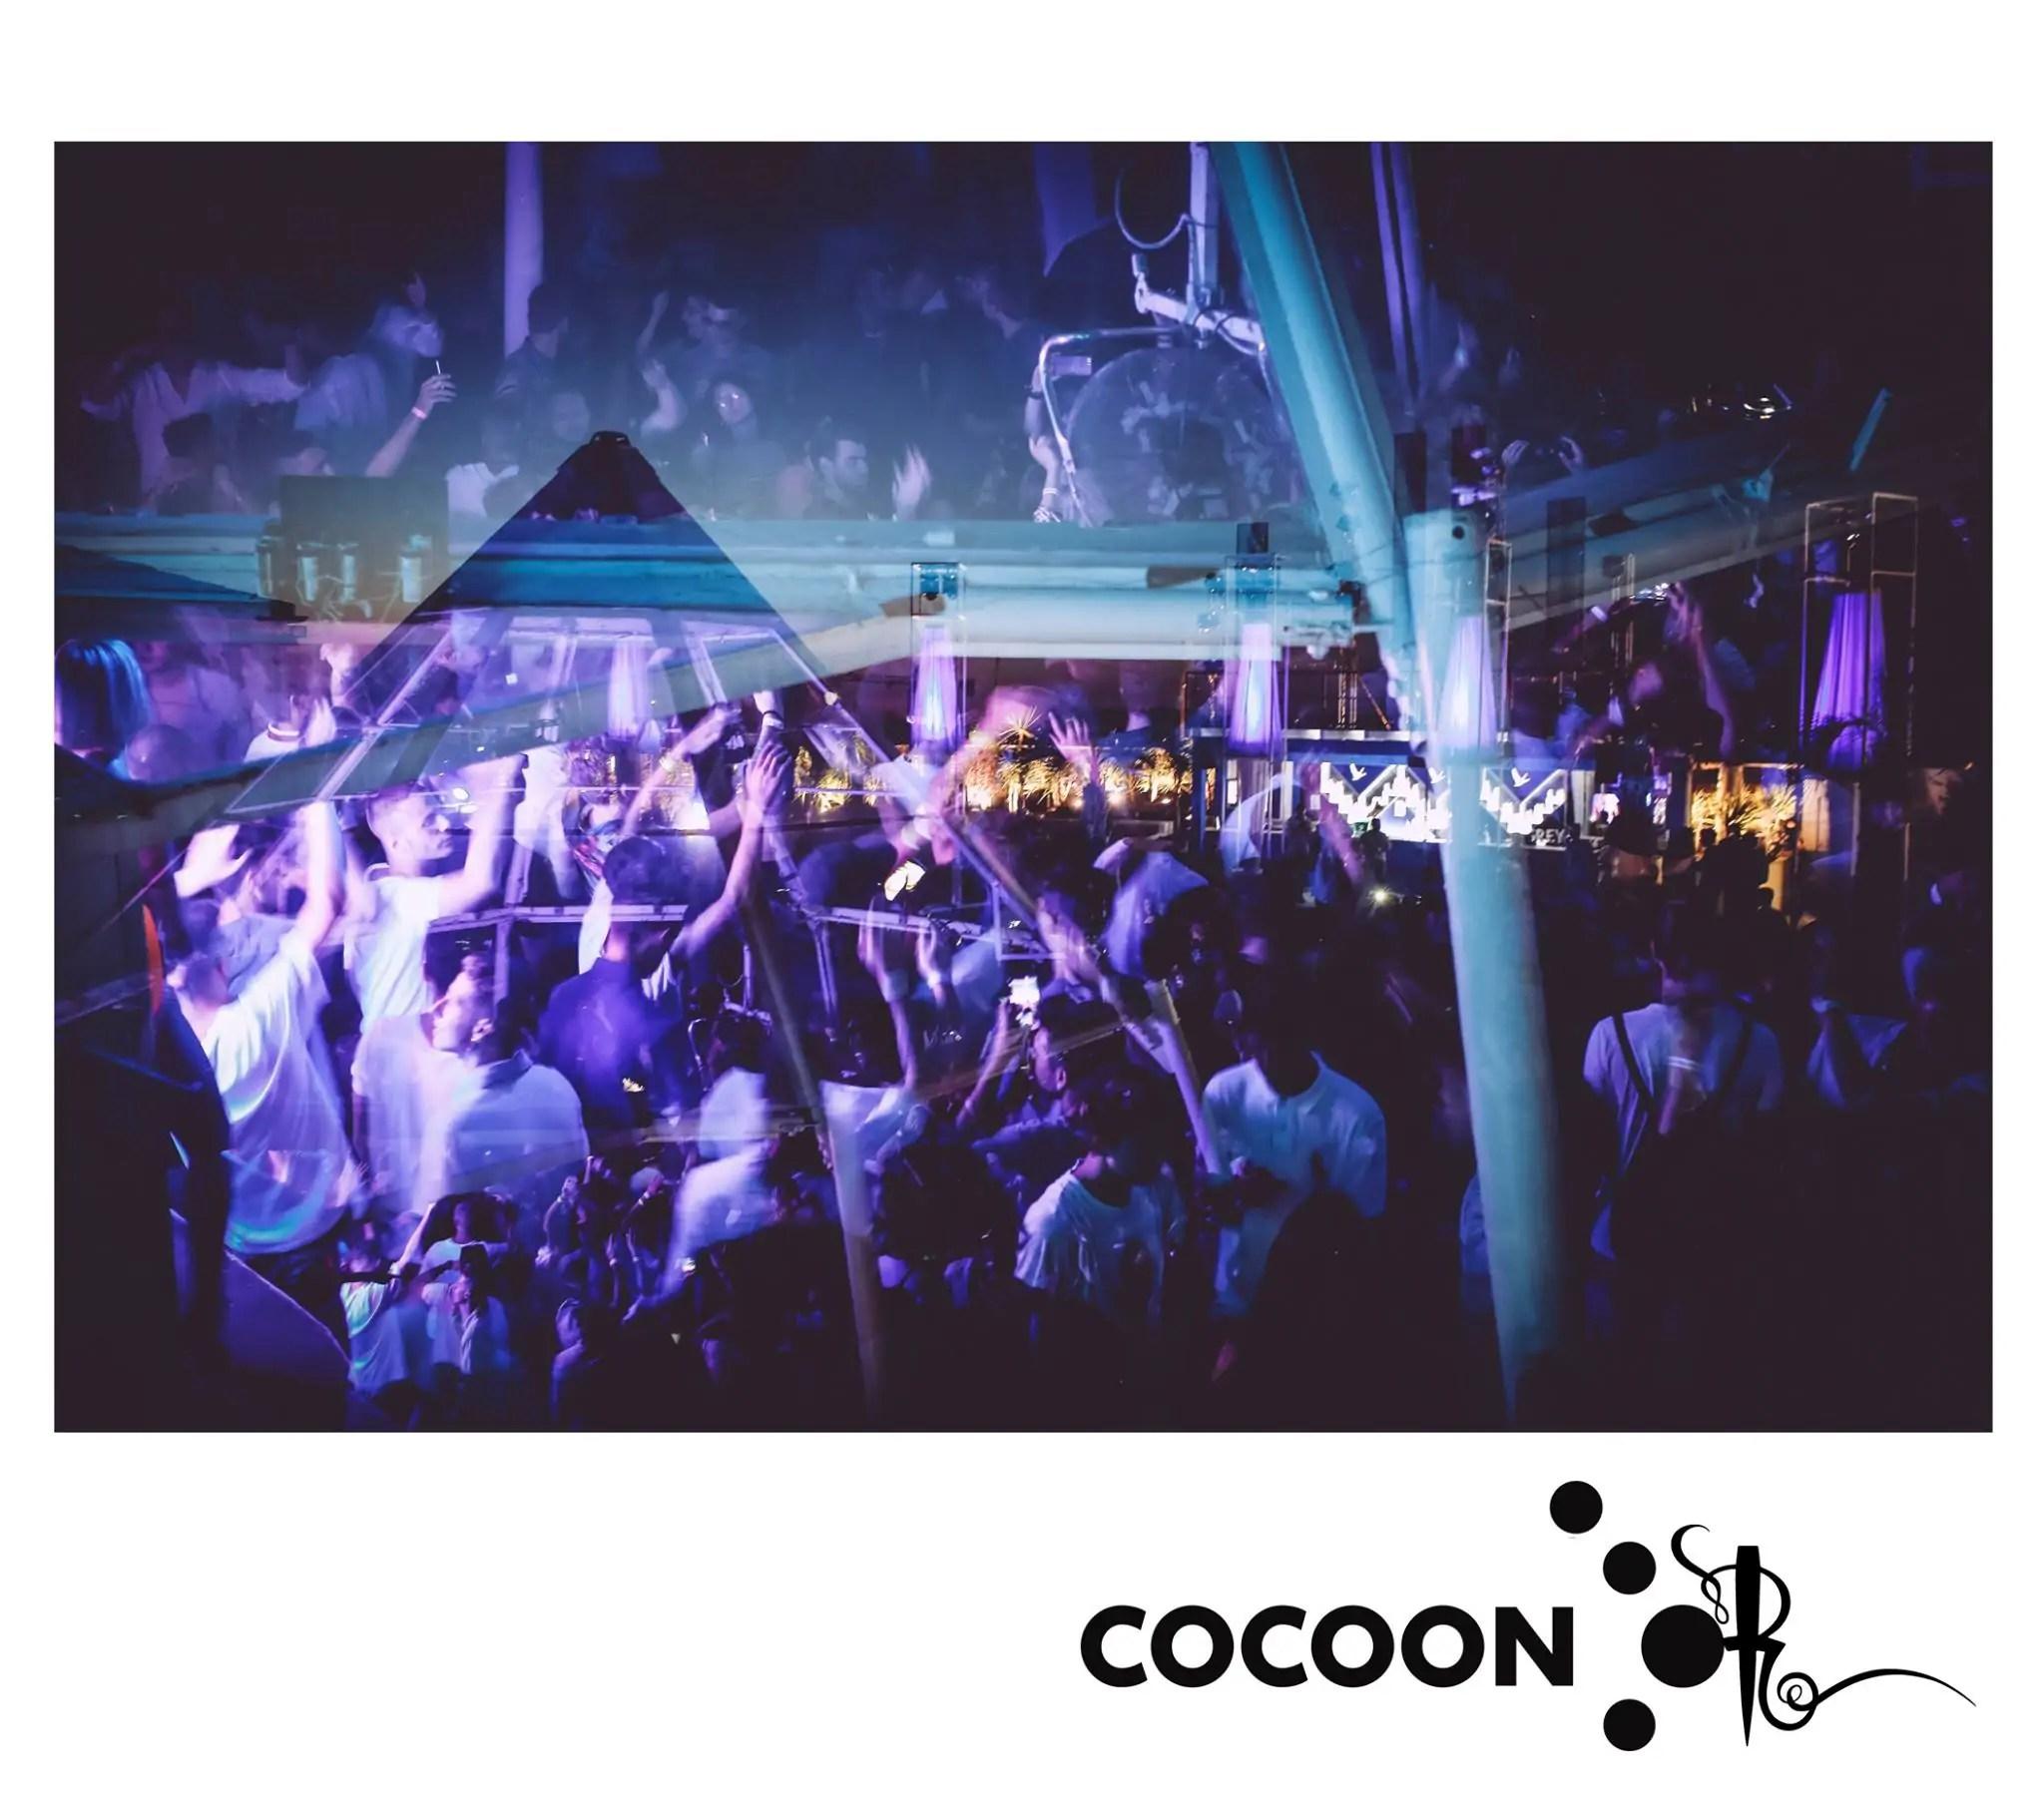 Cocoon Party Opening Villa delle Rose Mercoledì 10 Luglio 2019 + Prezzi Ticket/Biglietti/Prevendite 18APP Tavoli Pacchetti hotel